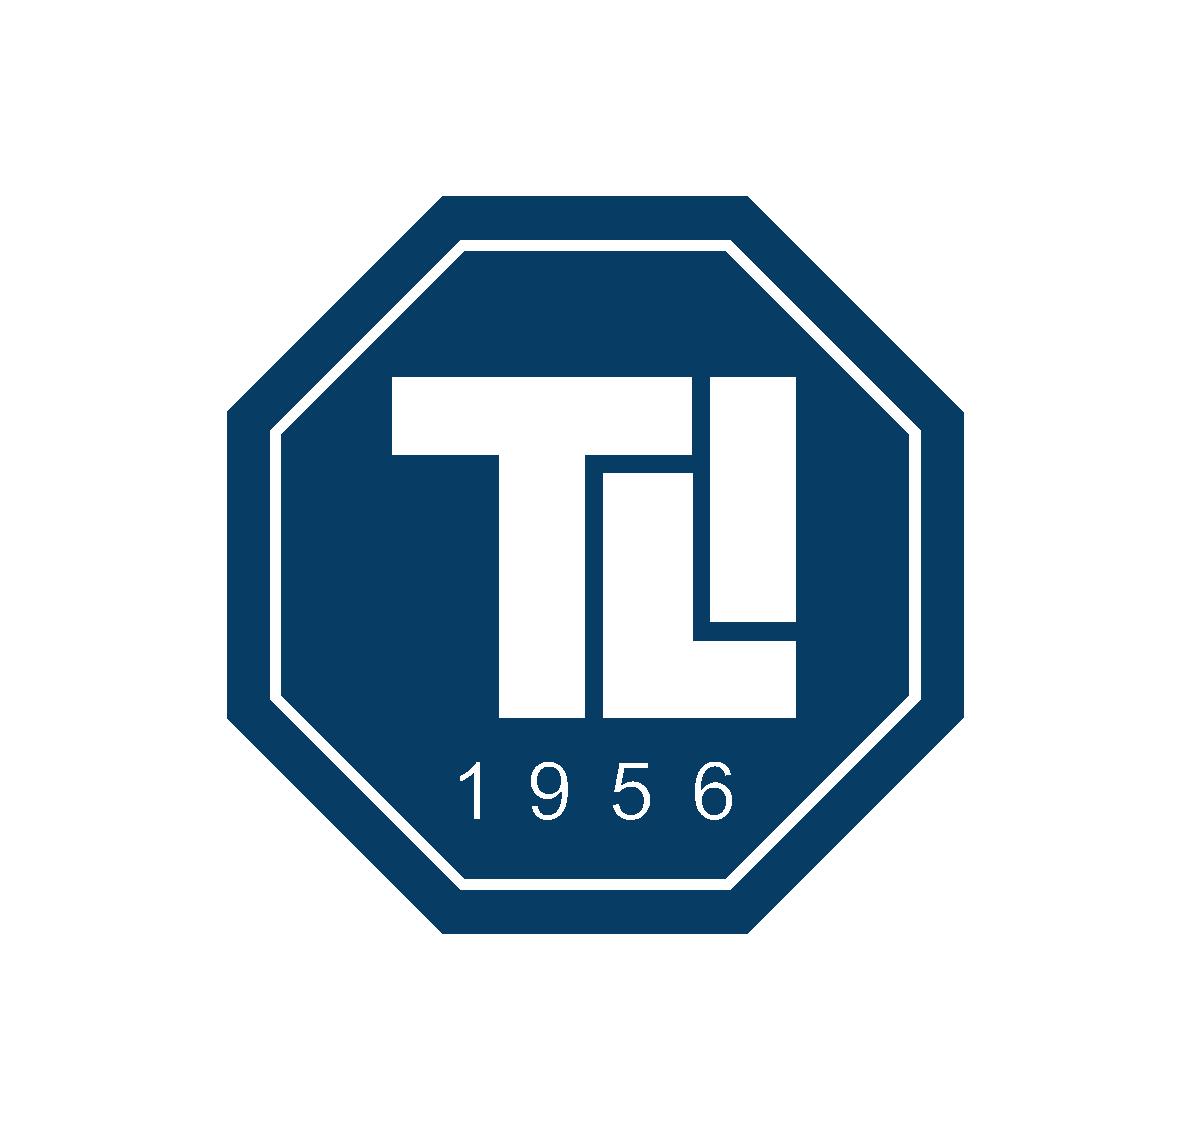 TLI 國際漢語教師認證課程 - 講師